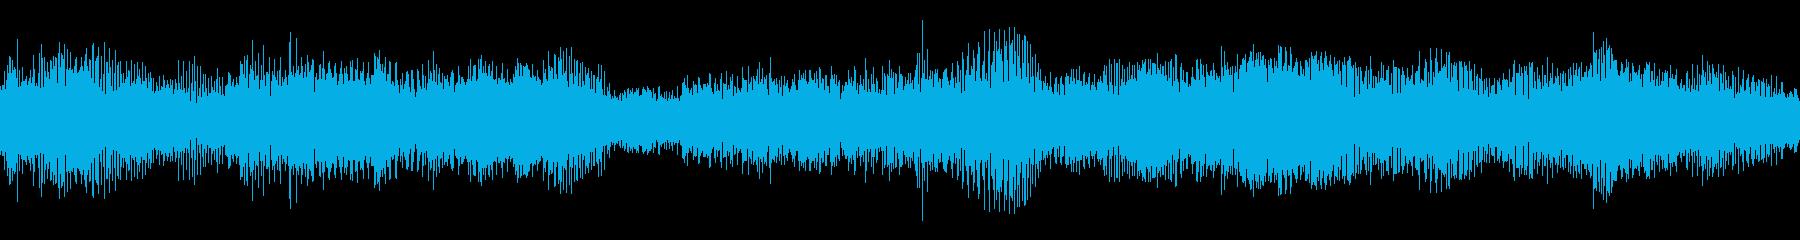 不安感を覚えさせるオルタナ系ミュージックの再生済みの波形